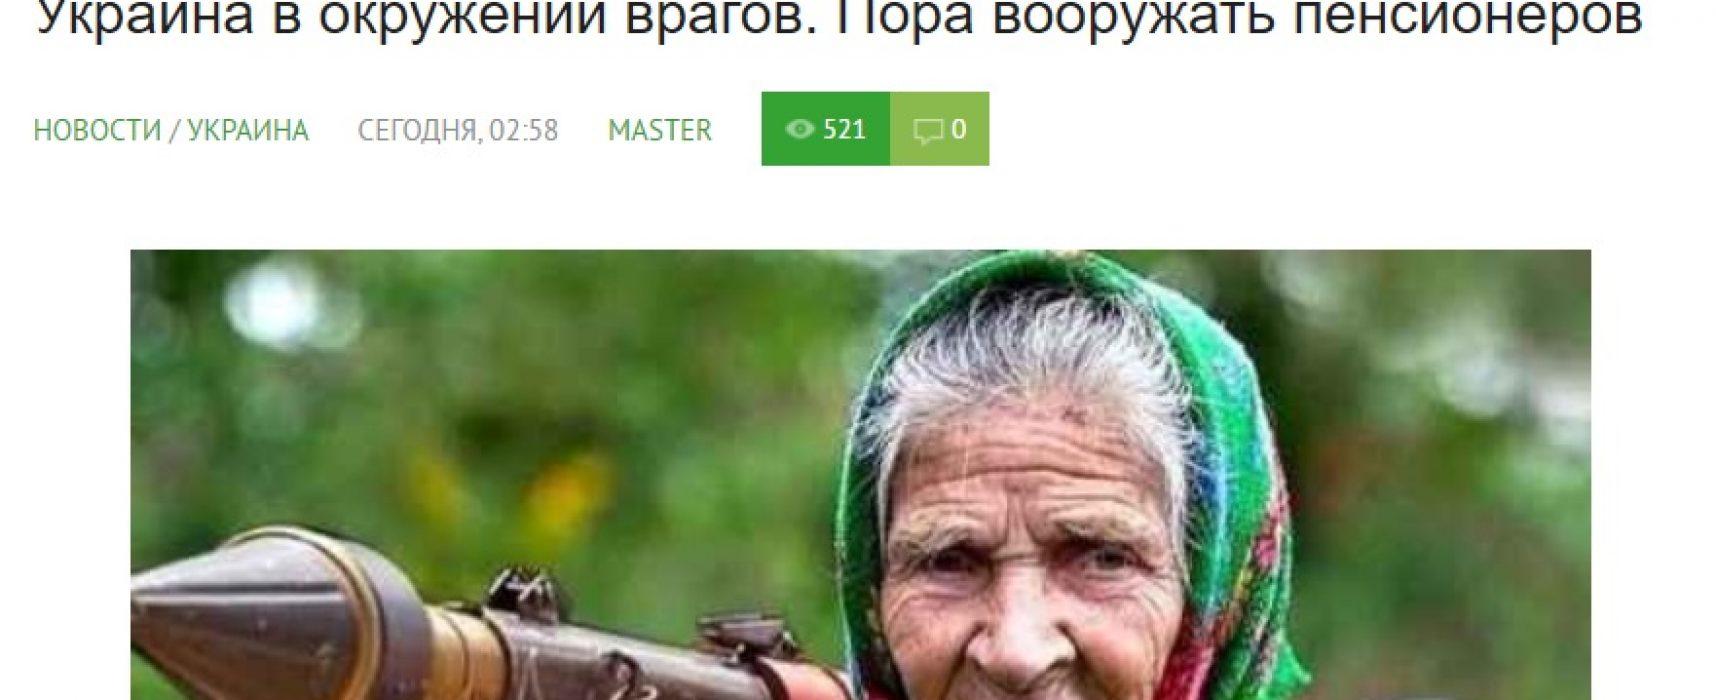 Манипуляция: В Украине вооружают бабушек пулеметами, чтобы защититься от России